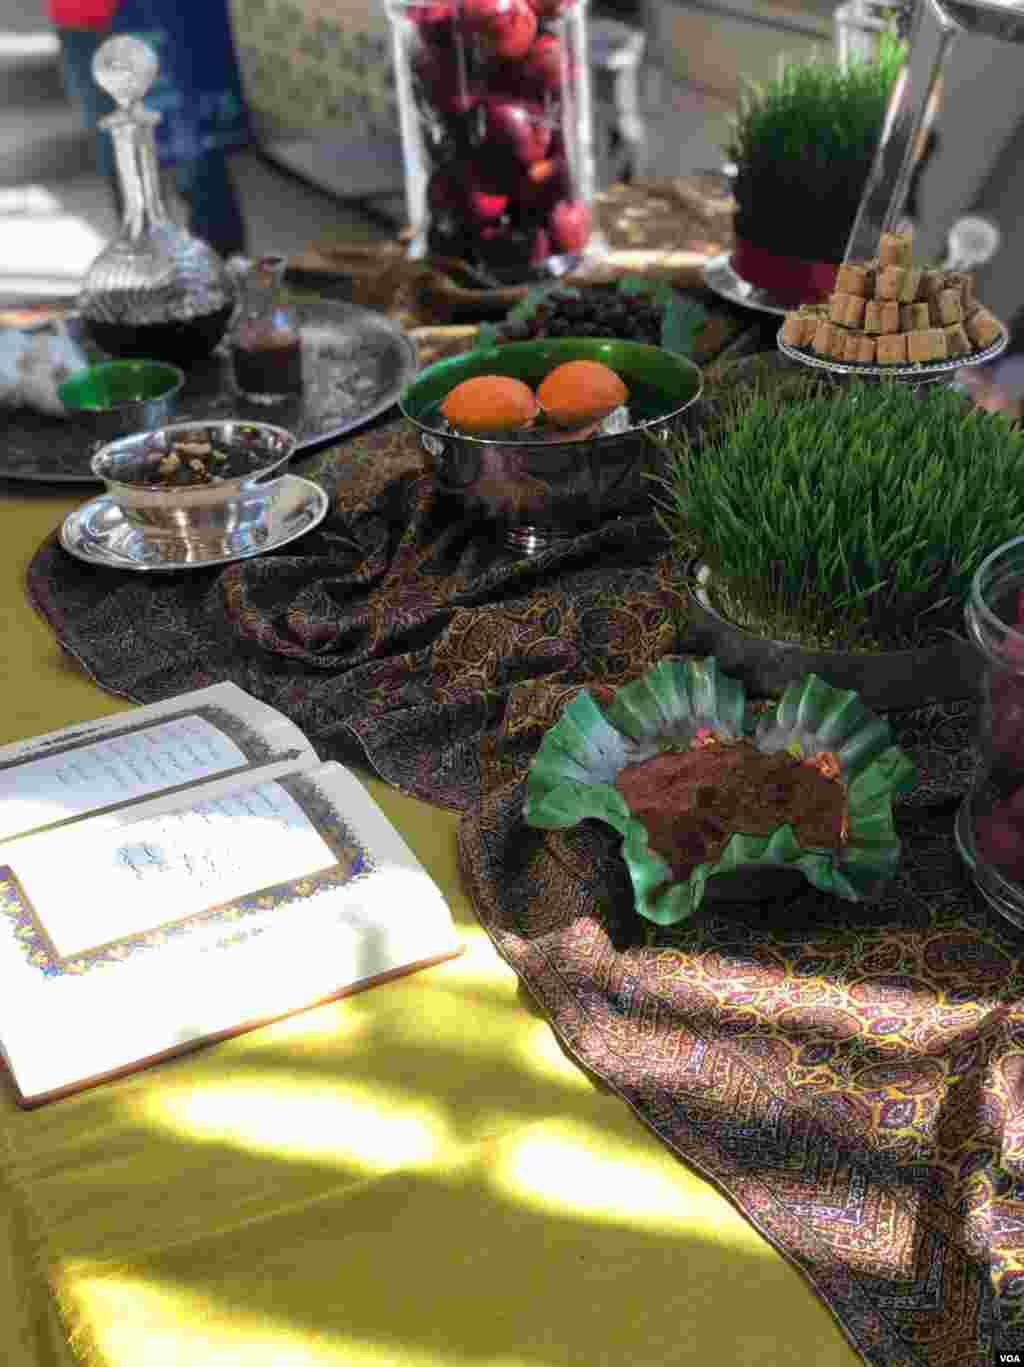 سفره هفت سین جشن نوروز در گالری «فریر و سکلر» در واشنگتن. این مراسم در روز شنبه که در آمریکا تعطیل است و در استقبال از نوروز برگزار شد.